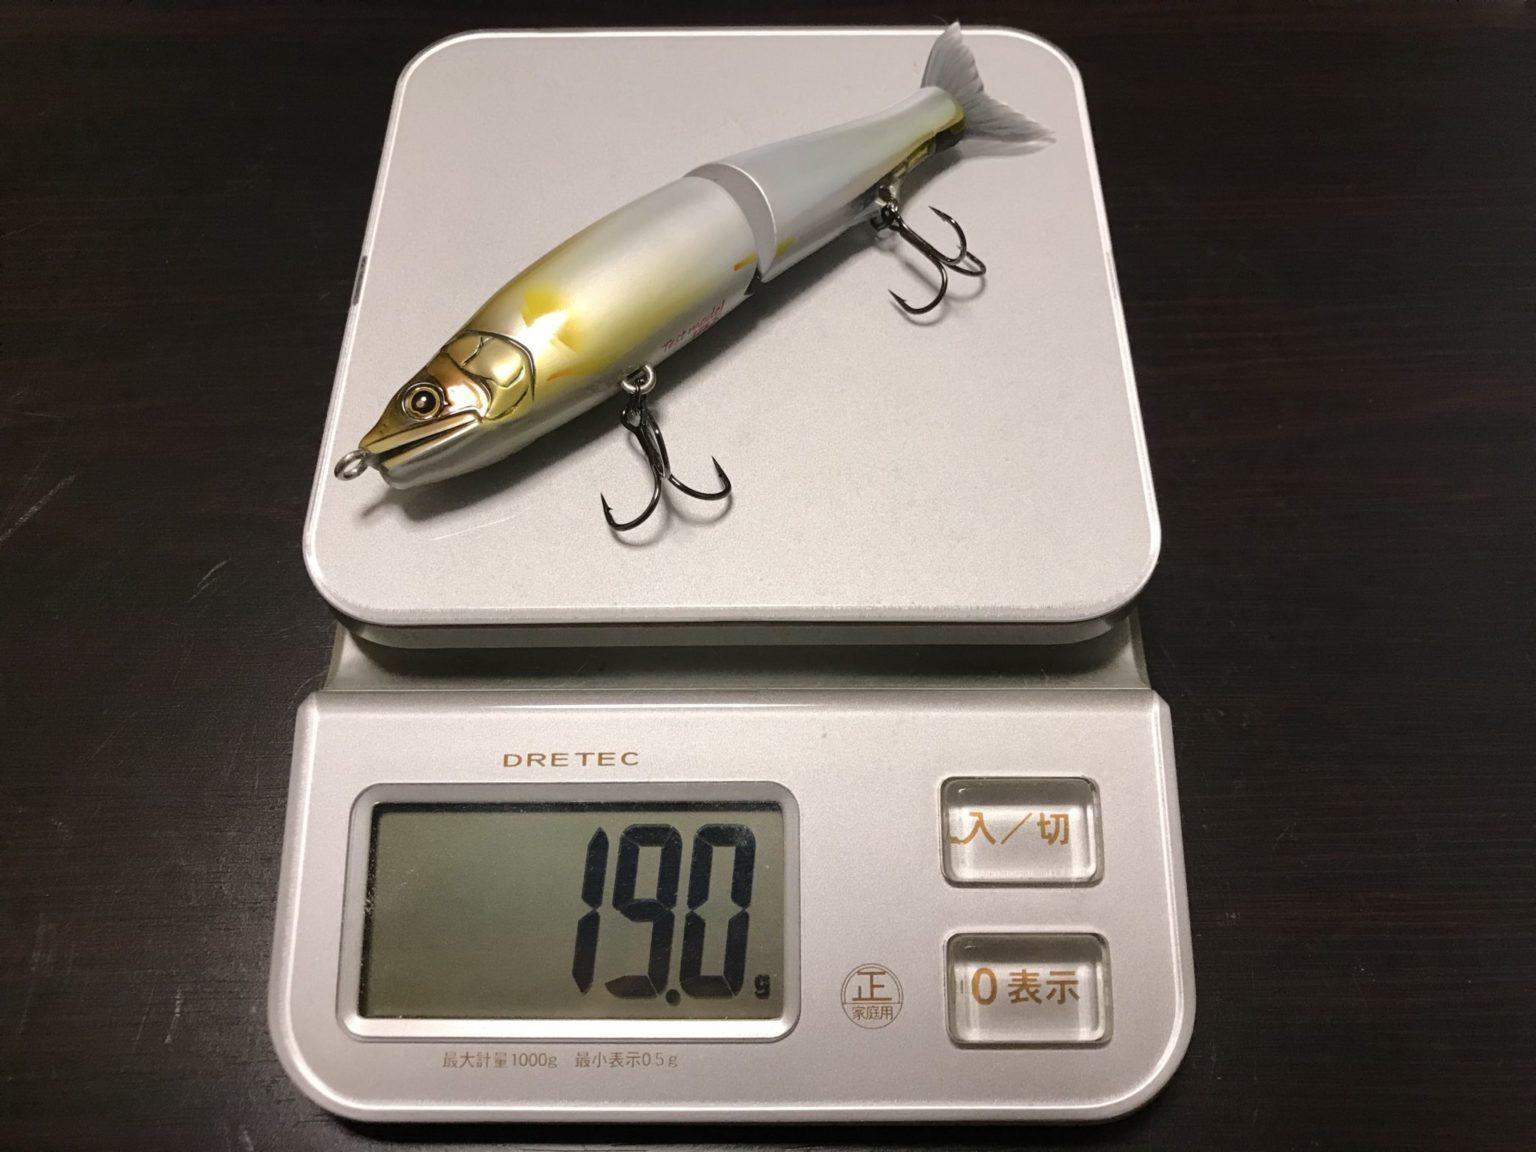 ジョイクロ128の重さ